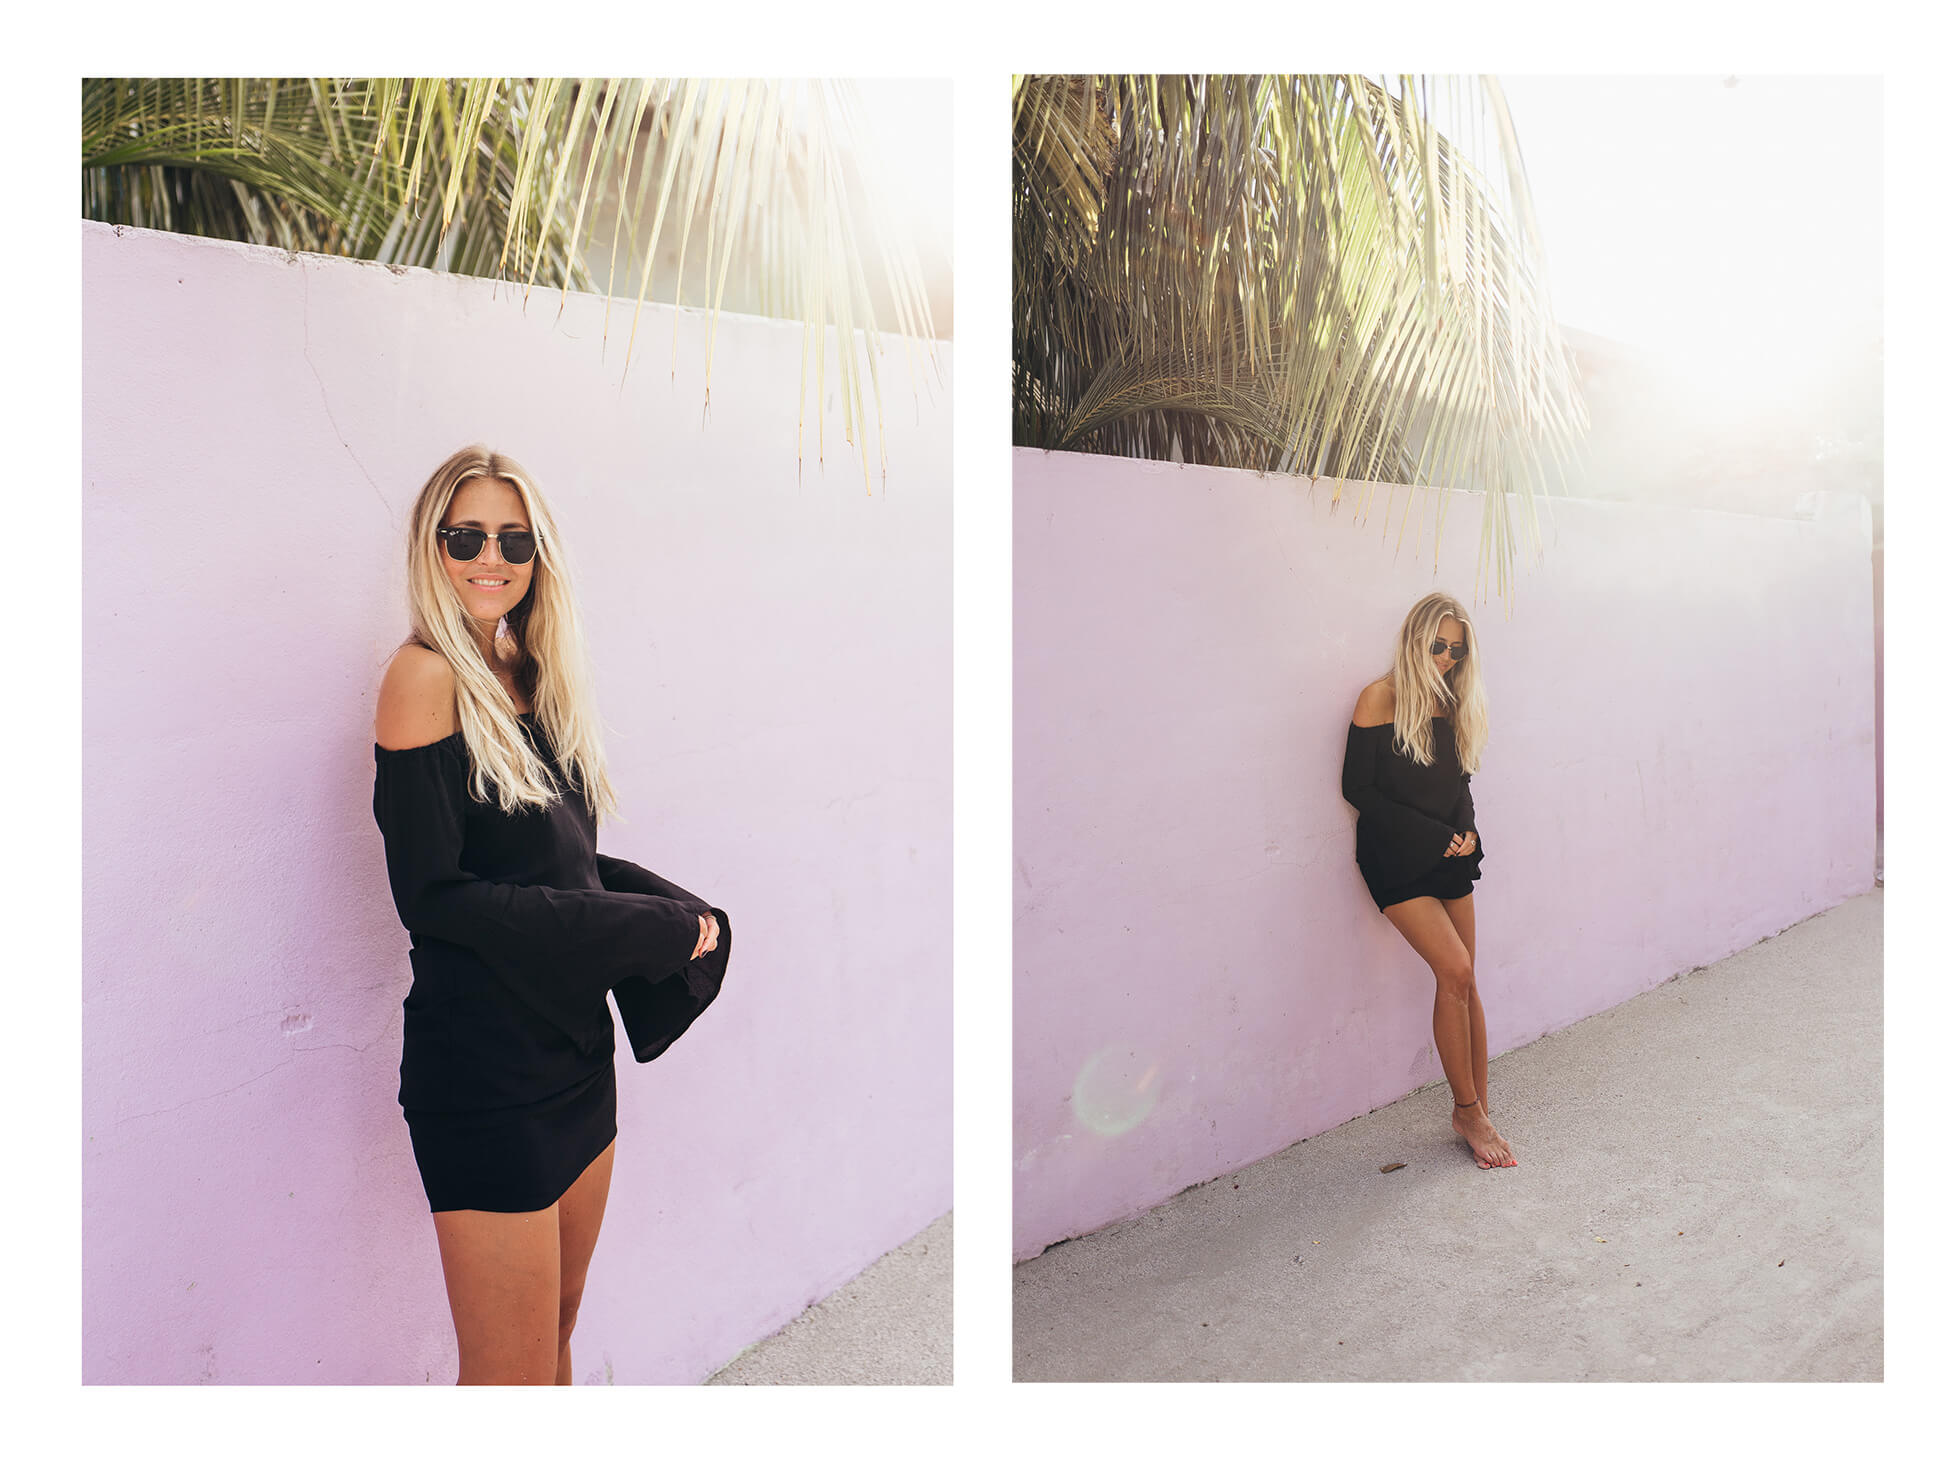 janni-deler-pink-walls-maldivesl1120297-copy